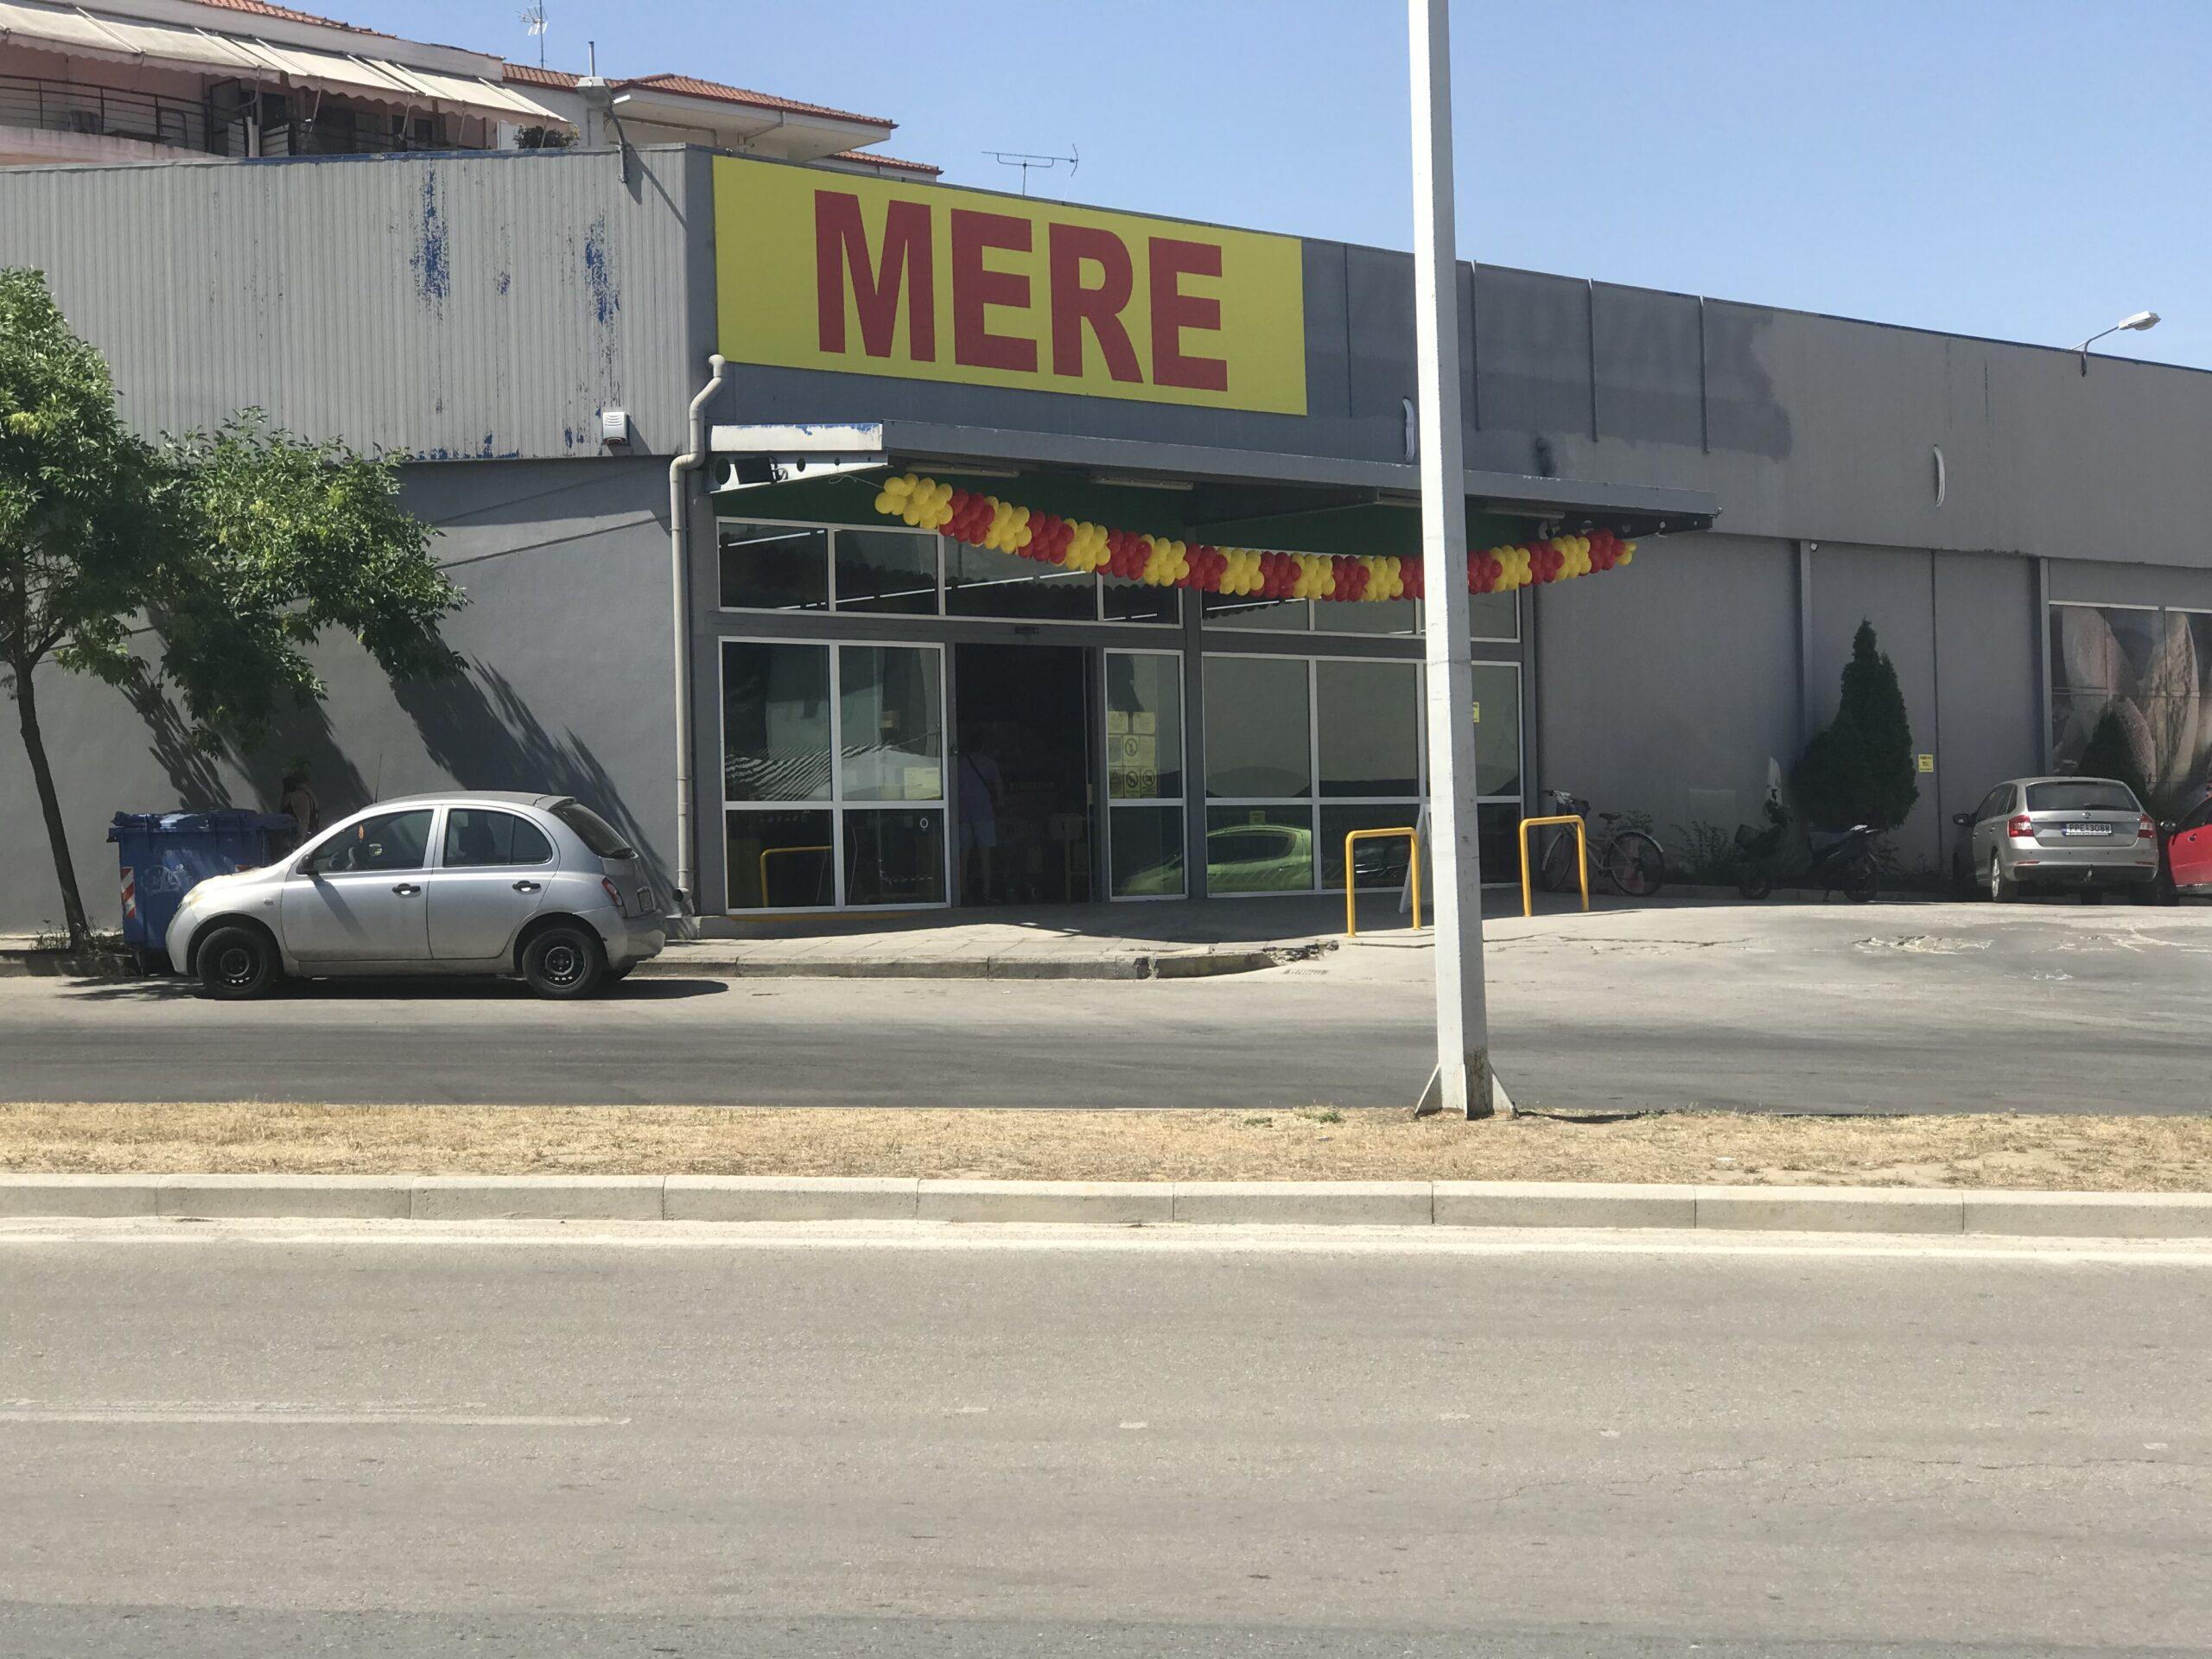 Ένα διαφορετικό σούπερ μάρκετ άνοιξαν οι Ρώσοι στη Λάρισα (φωτογραφίες)